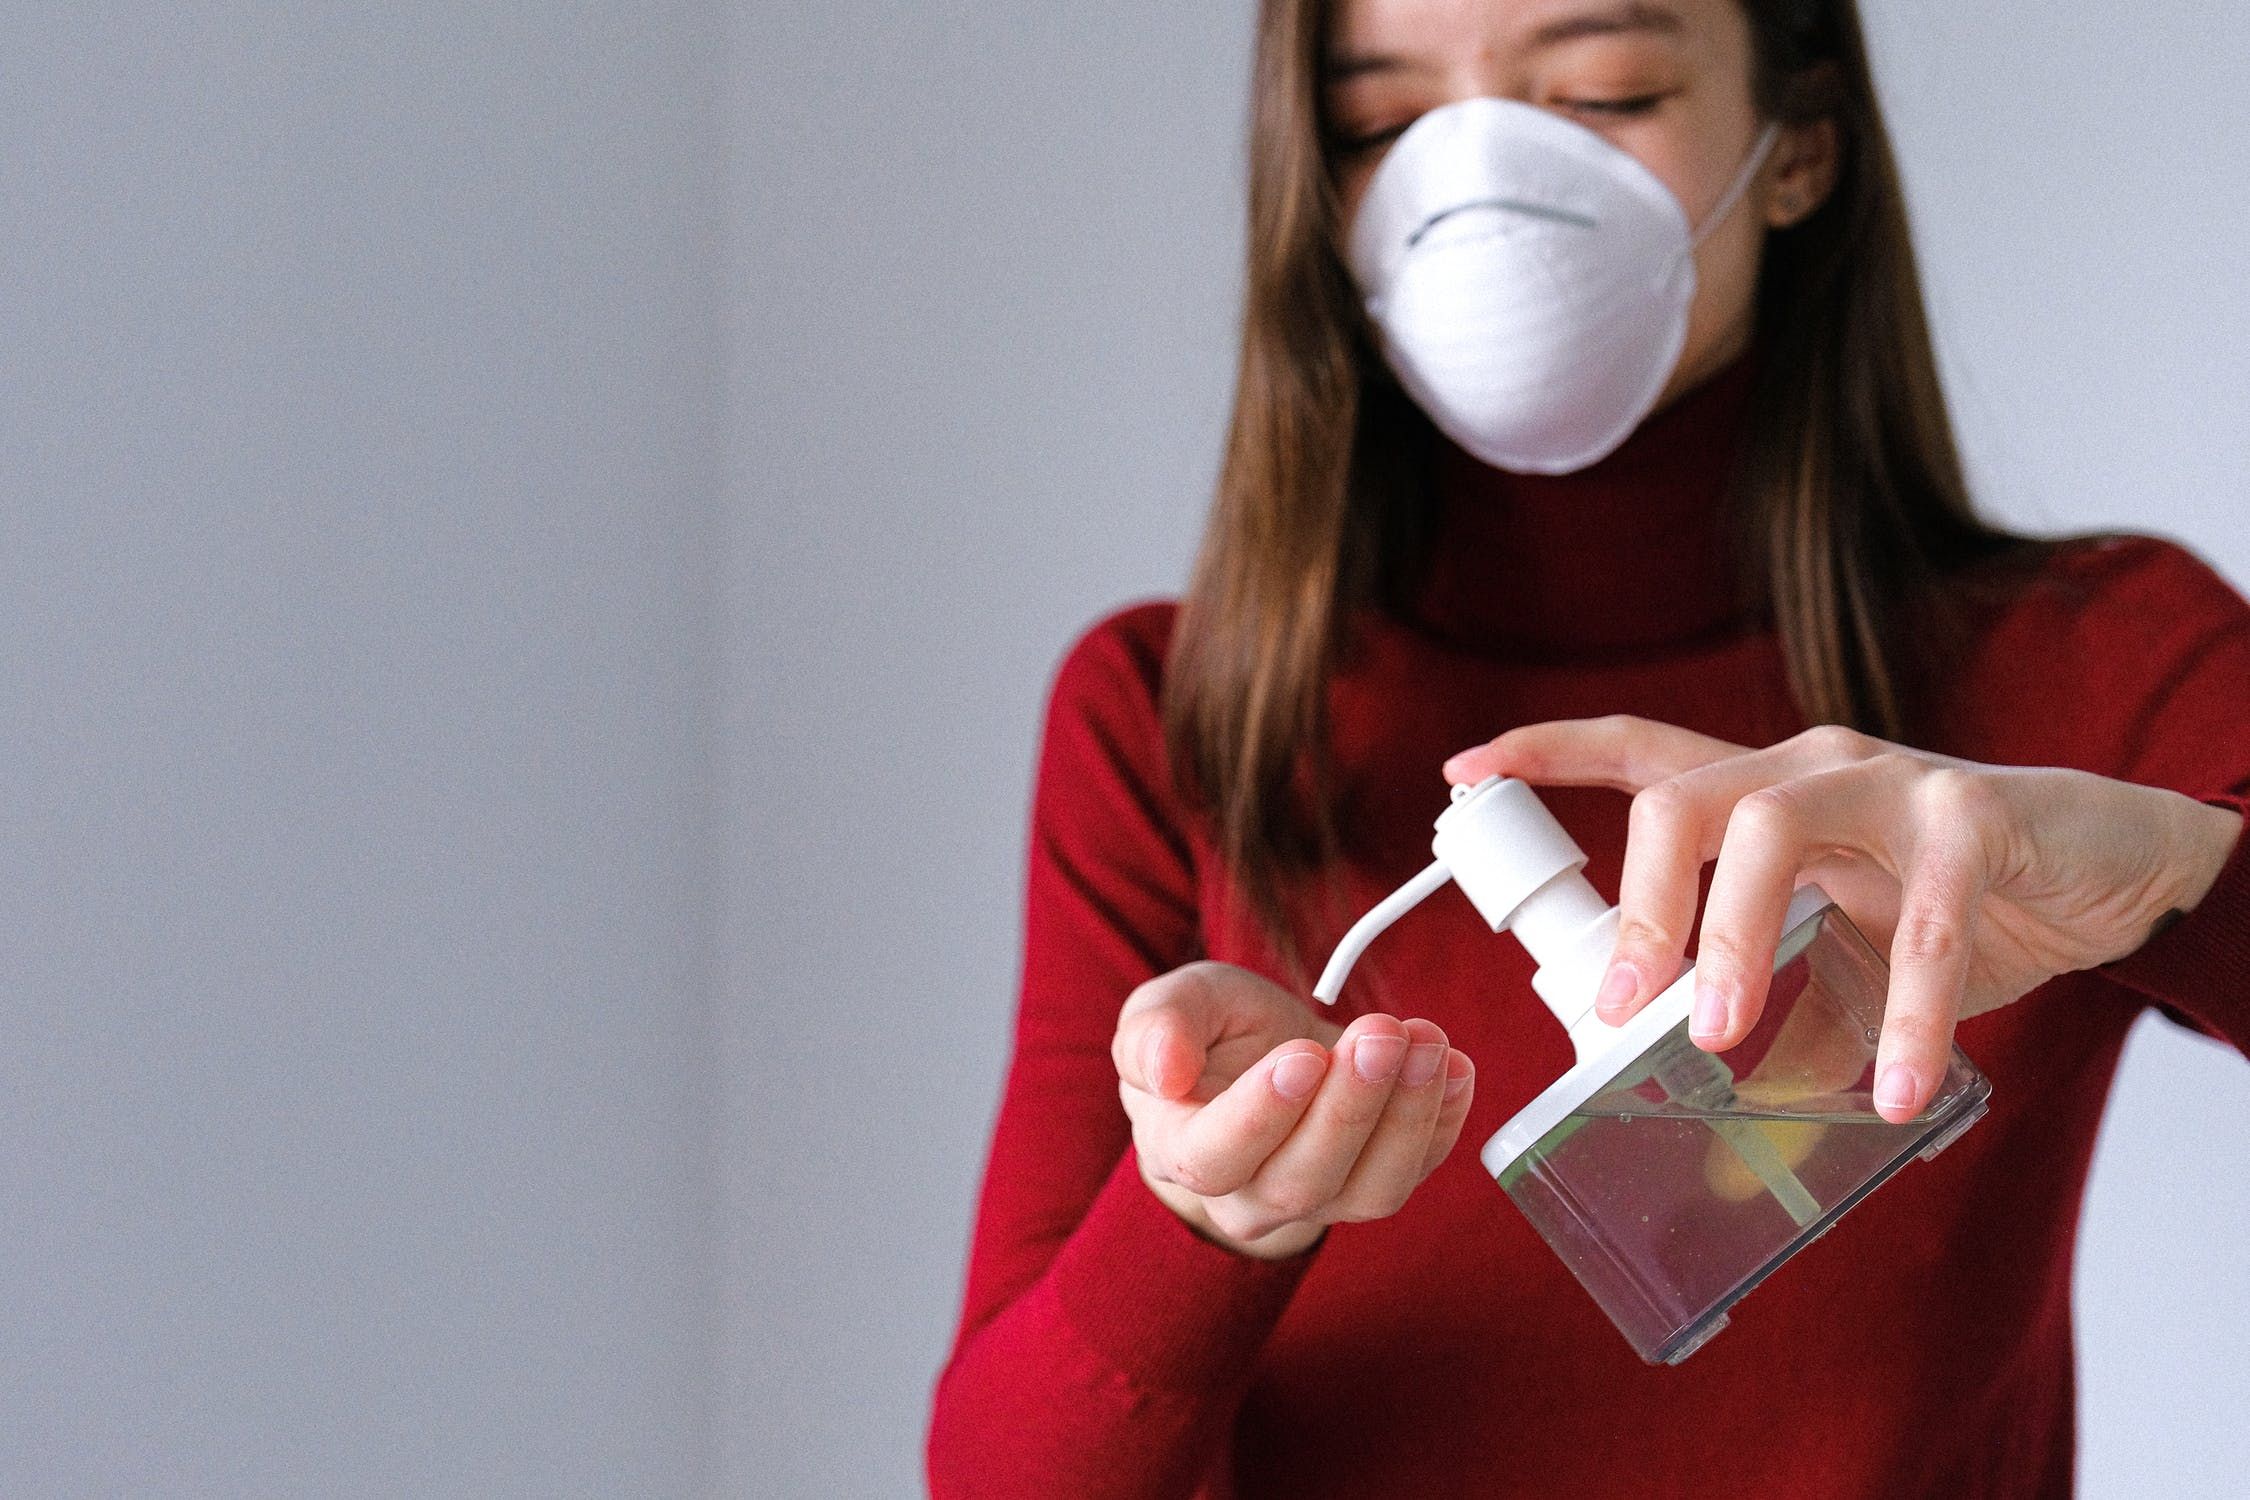 lavar manos coronavirus